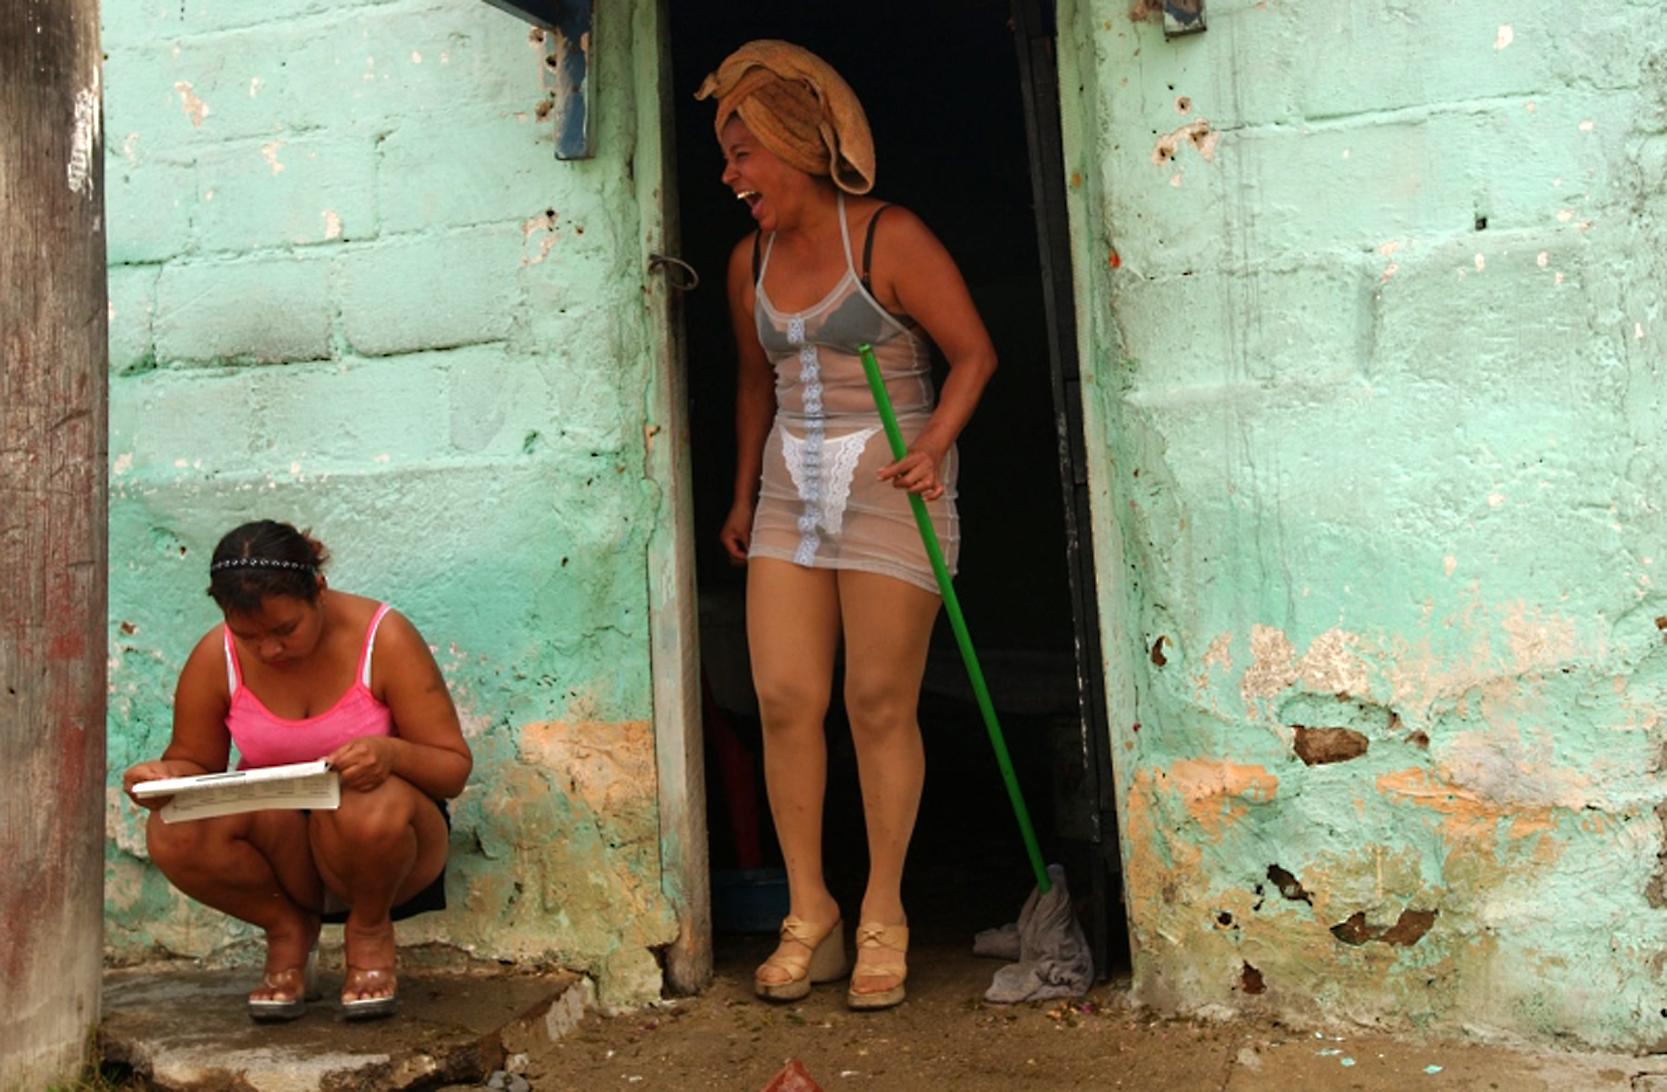 skolko-stoit-prostitutka-na-kube